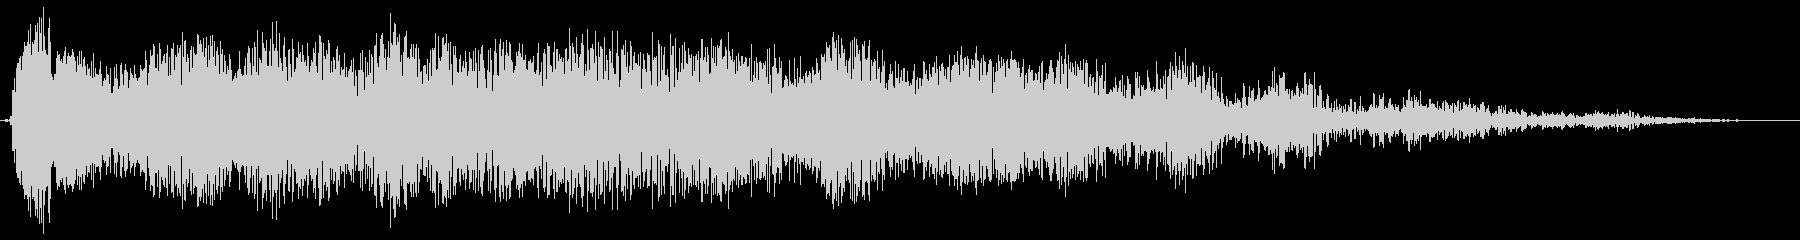 長い爆発的なサンダーランブルスイープ1の未再生の波形